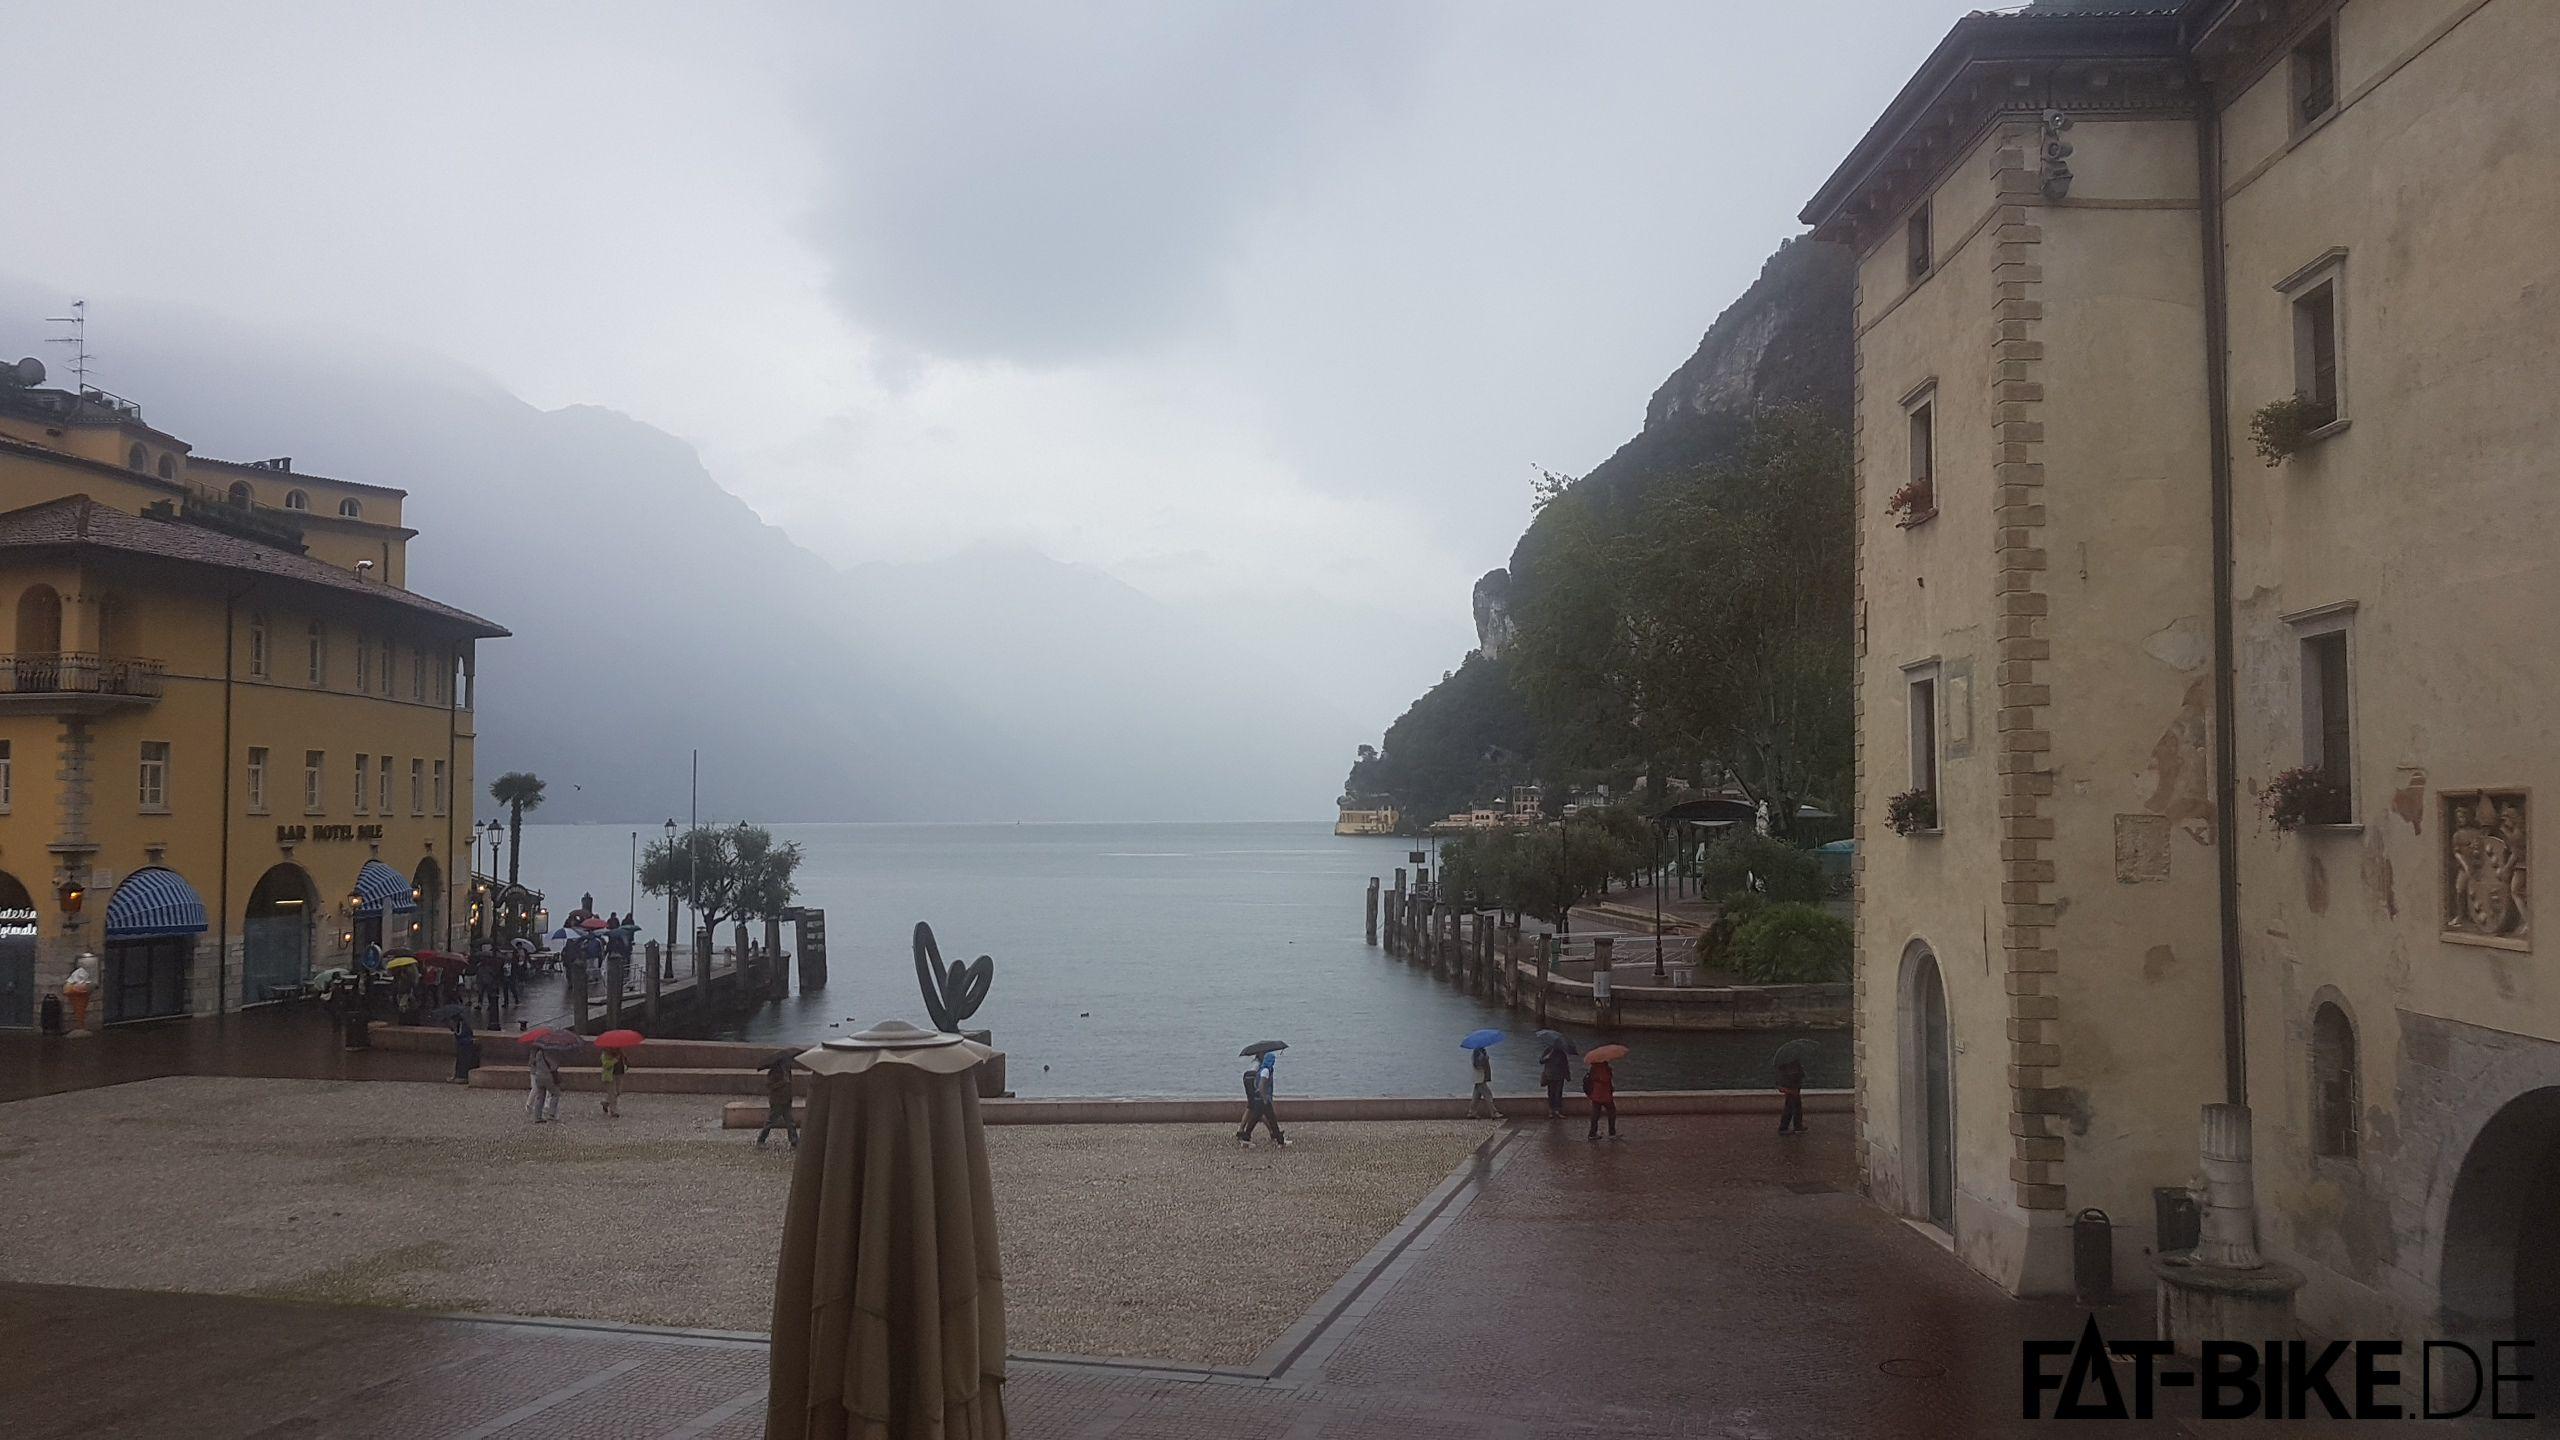 Riva, Regen, die Haare sitzen.